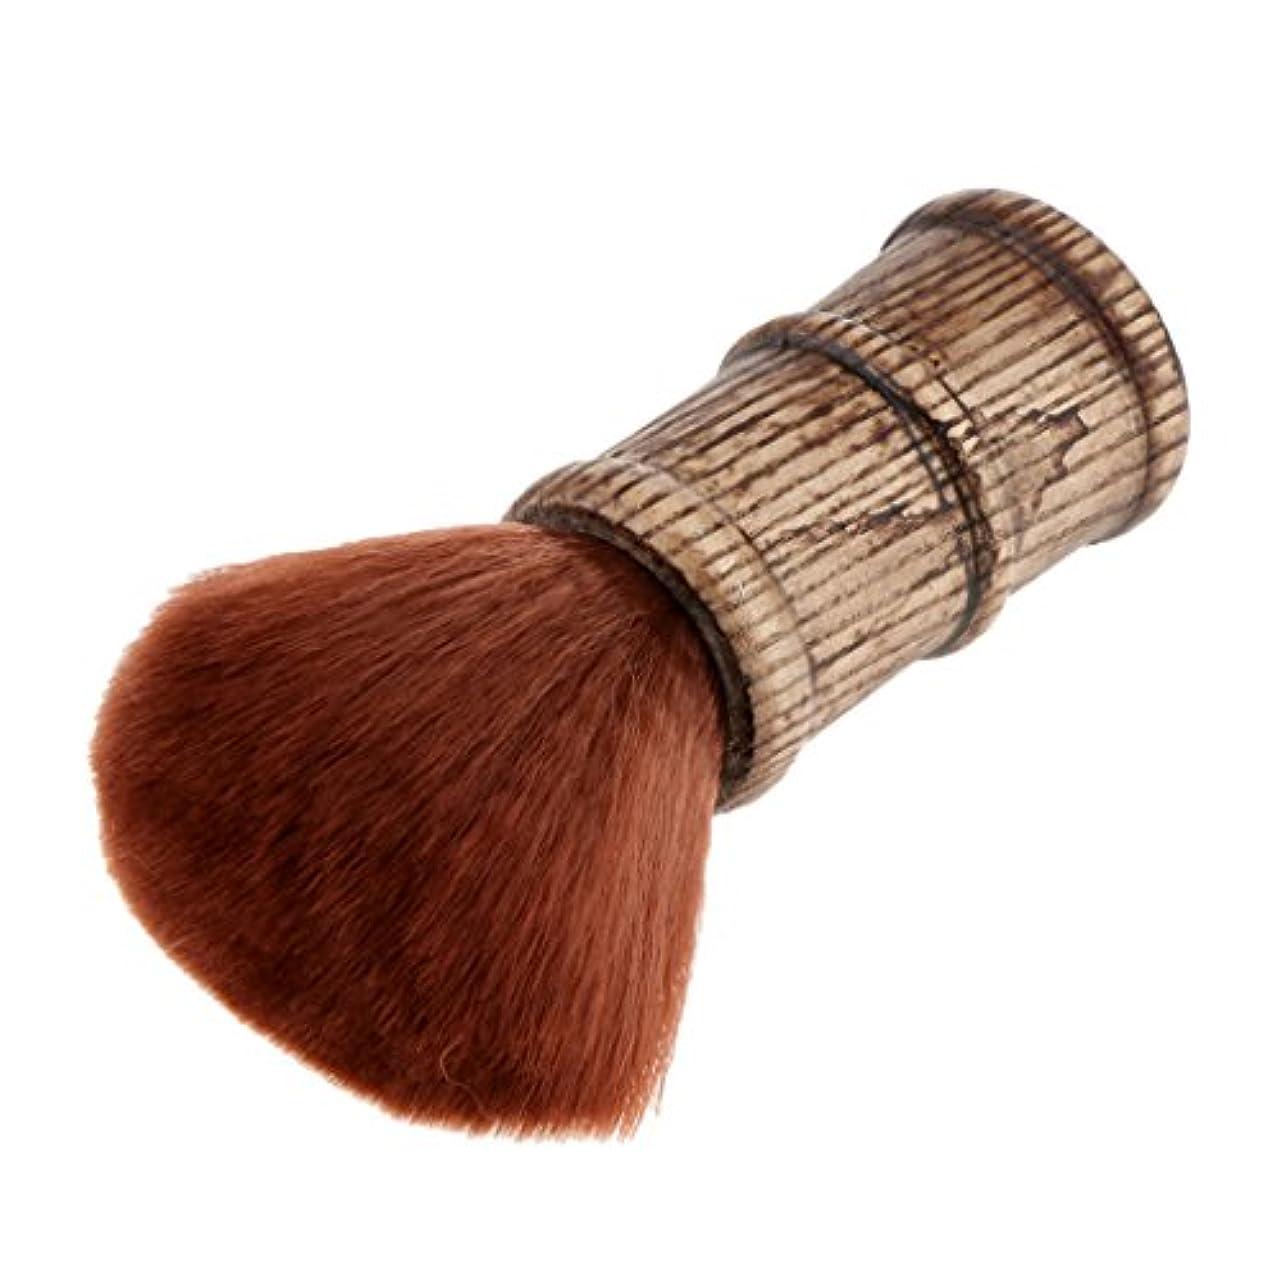 切る心からフォーマルヘアカット 散髪 ネックダスターブラシ ソフト クリーニングヘアブラシ ヘアスイープブラシ 2色選べる - 褐色